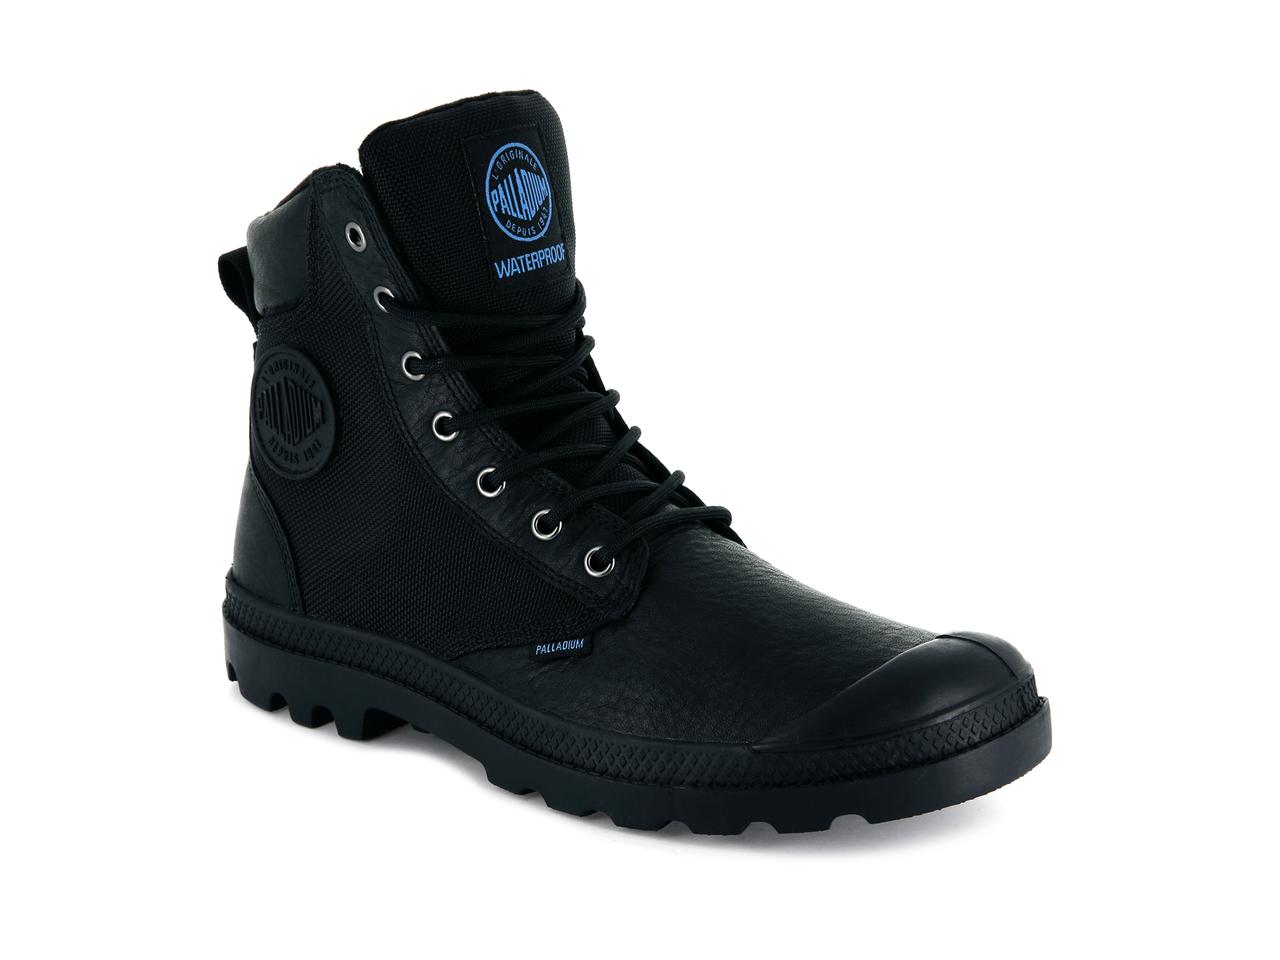 Чоловічі ботинки Palladium Pampa Sport Cuff WP (73234 001 M)